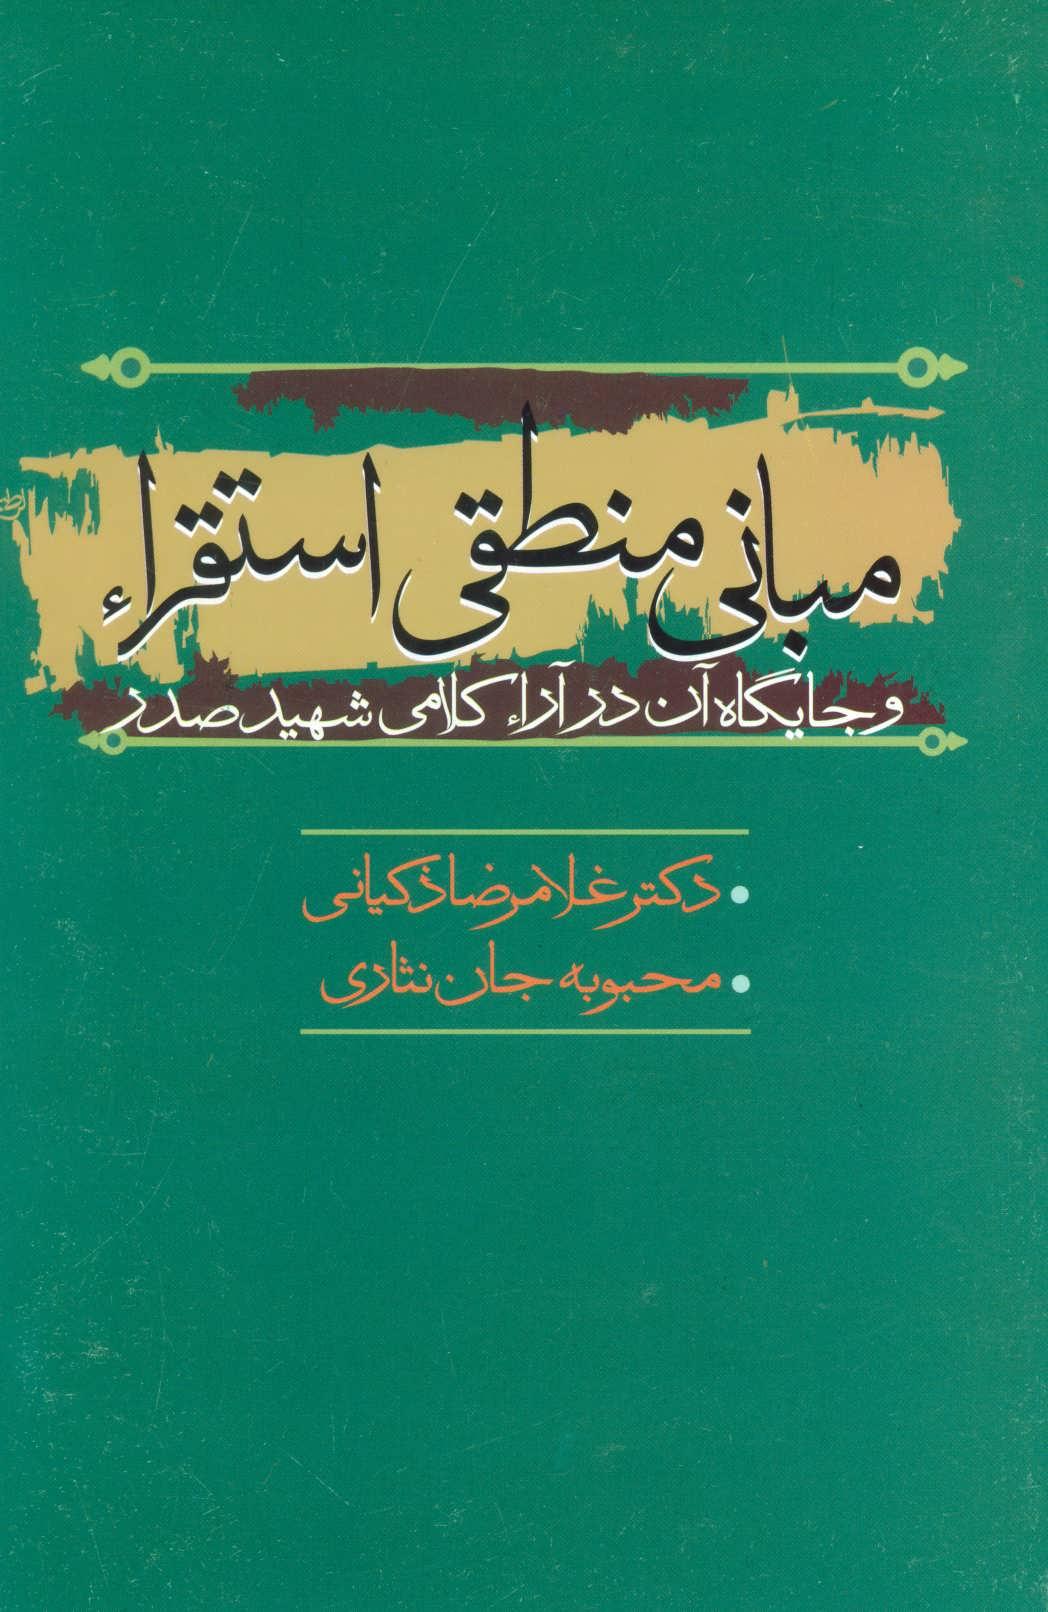 کتاب مبانی منطقی استقراء و جایگاه آن در آراء کلامی شهید صدر